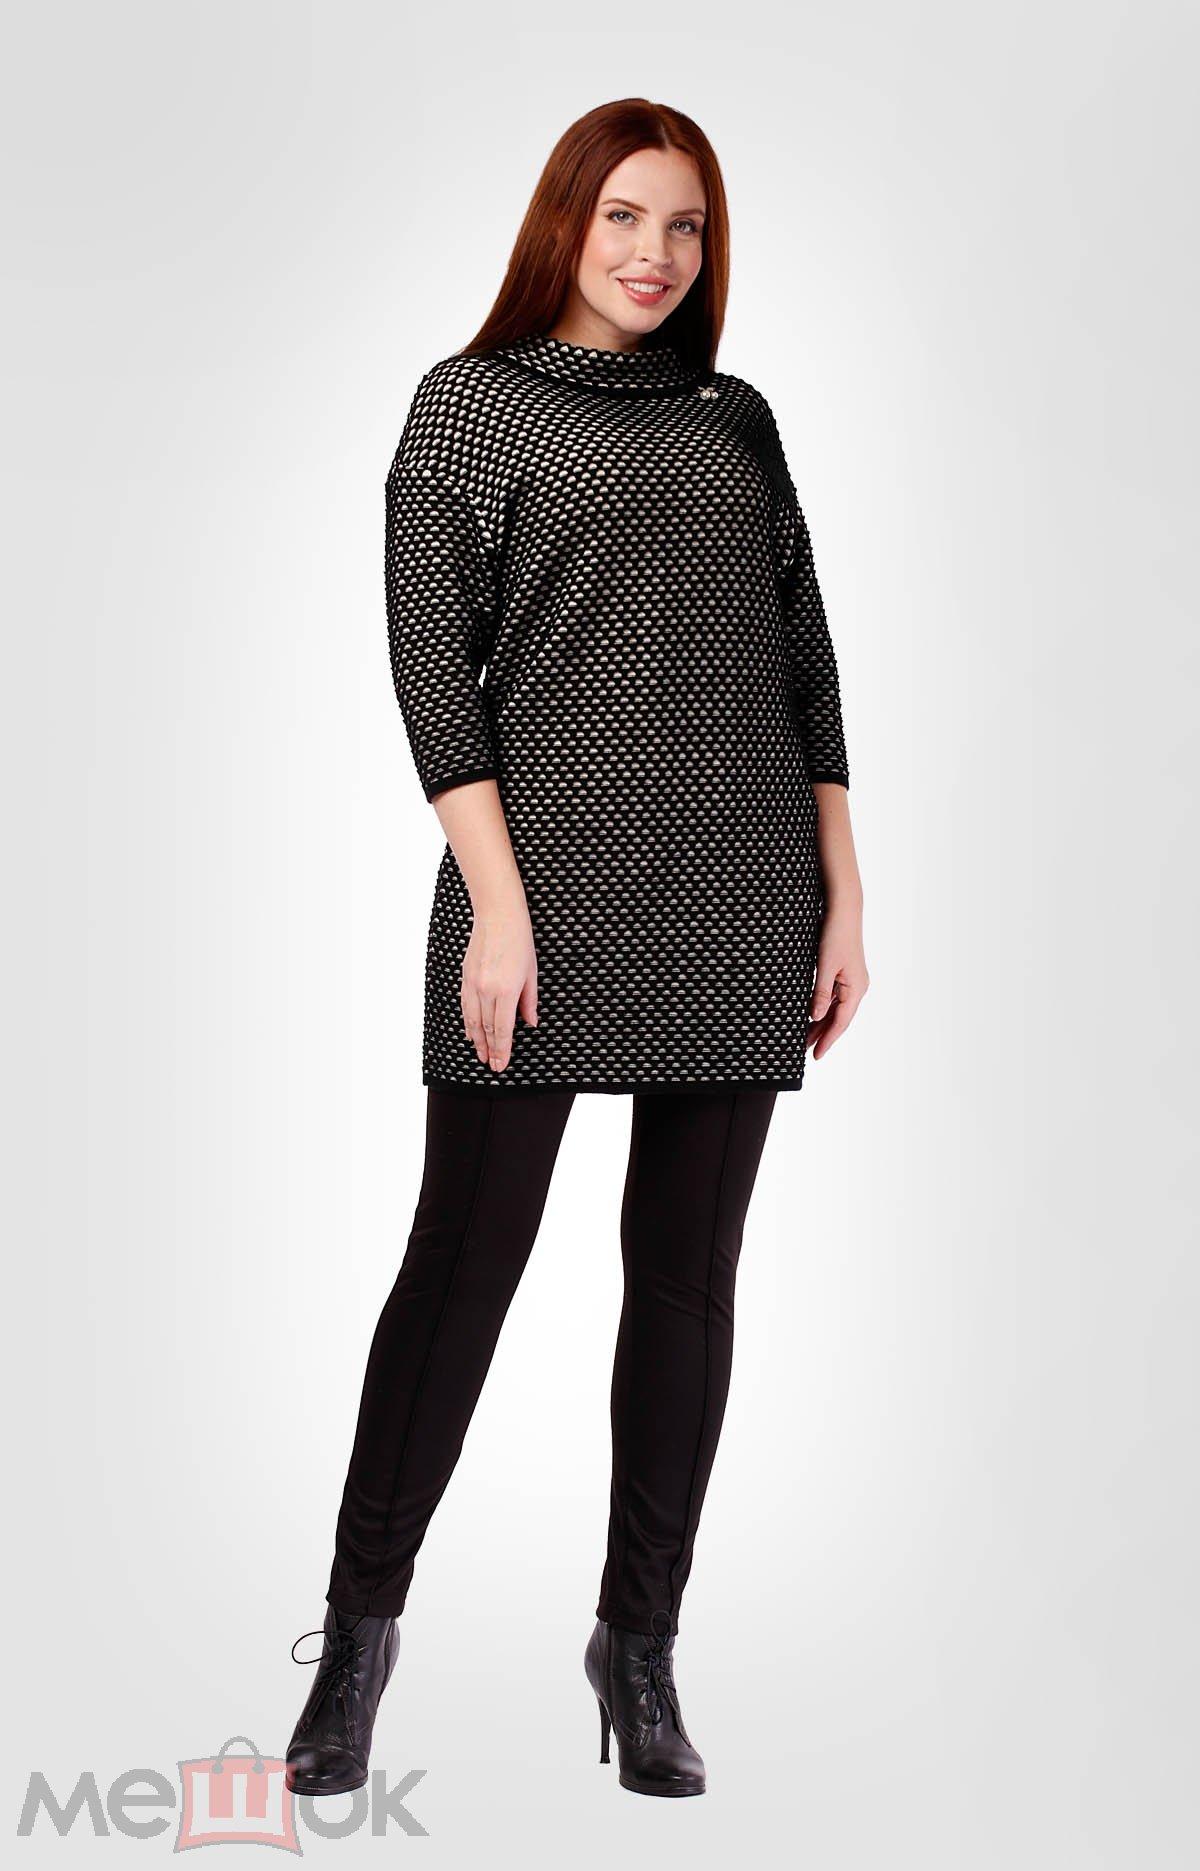 584b8f71170 Новое черно-белое платье-туника